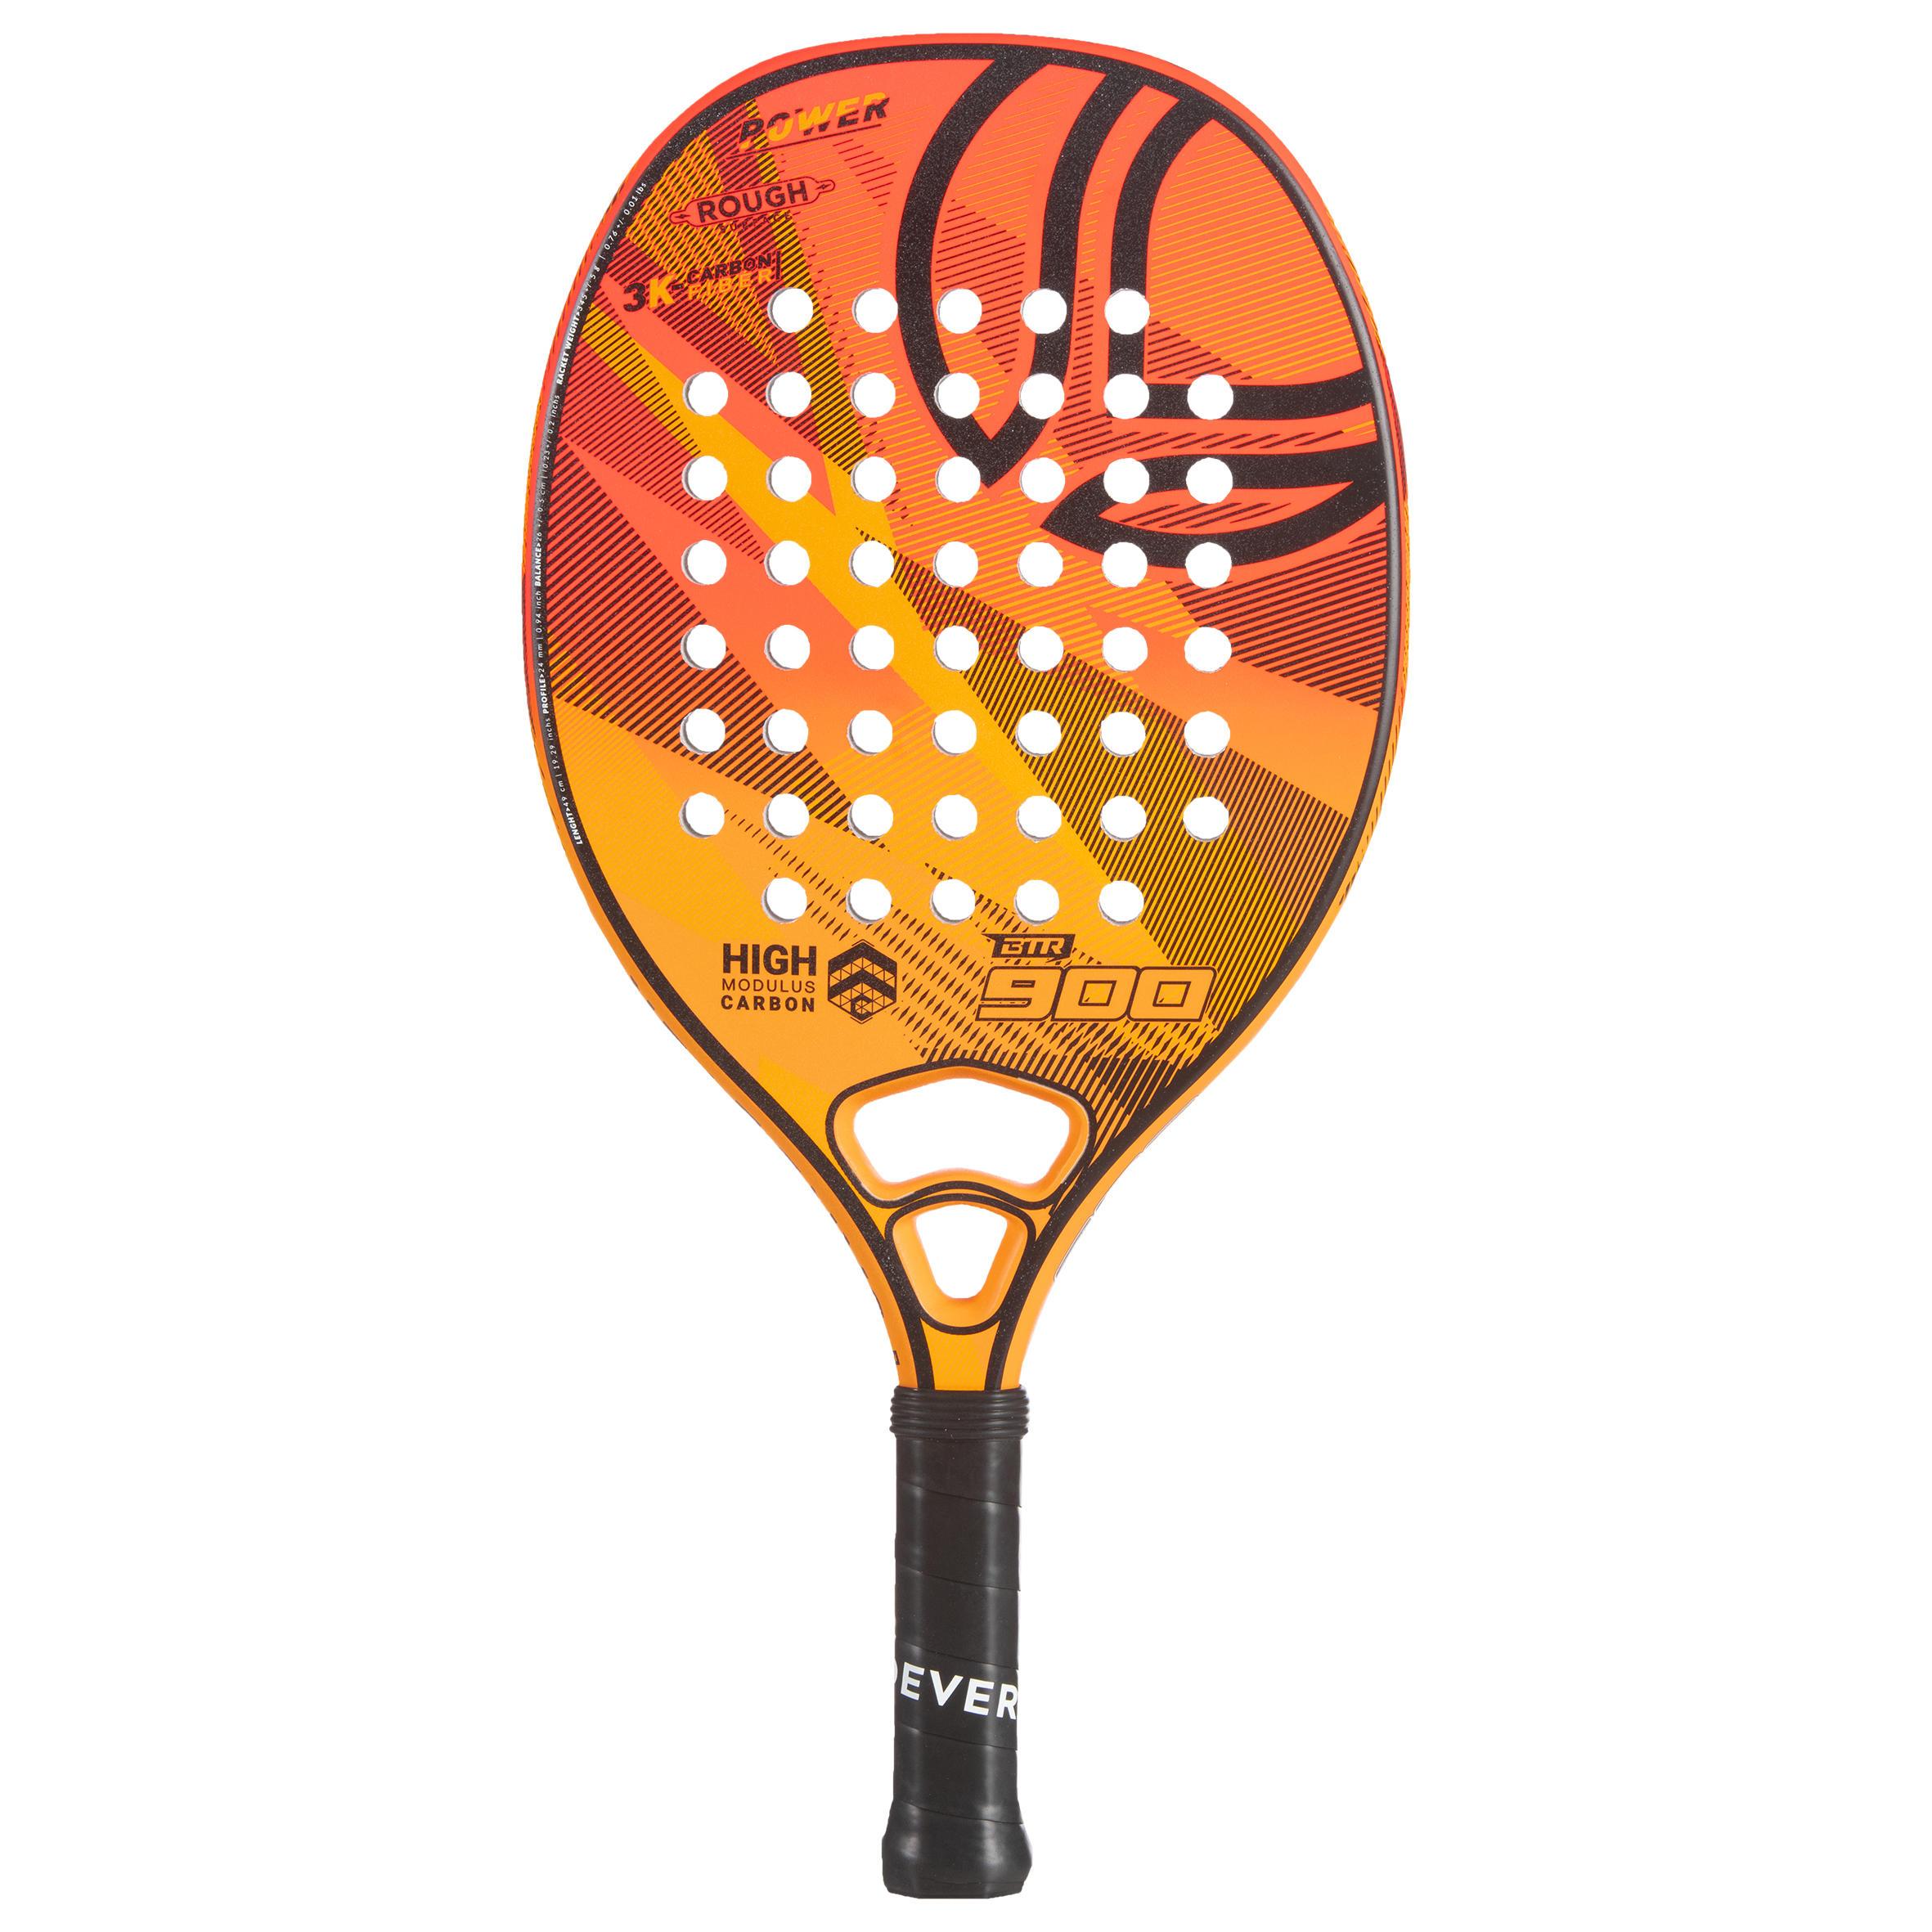 Sandever raquette beach tennis BTR 900 Power orange - Sandever